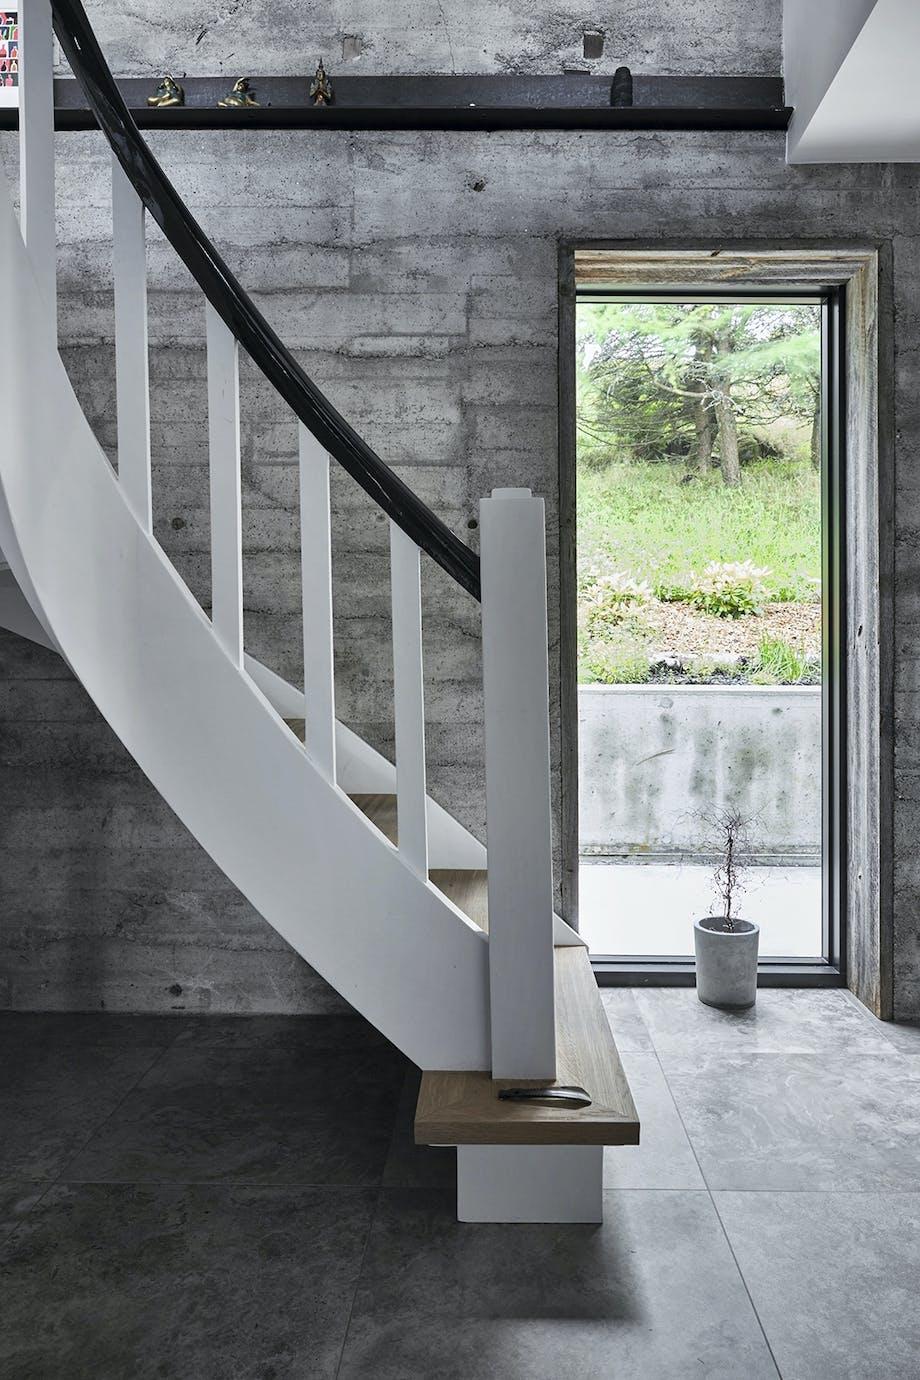 Hvid trappe, færørene